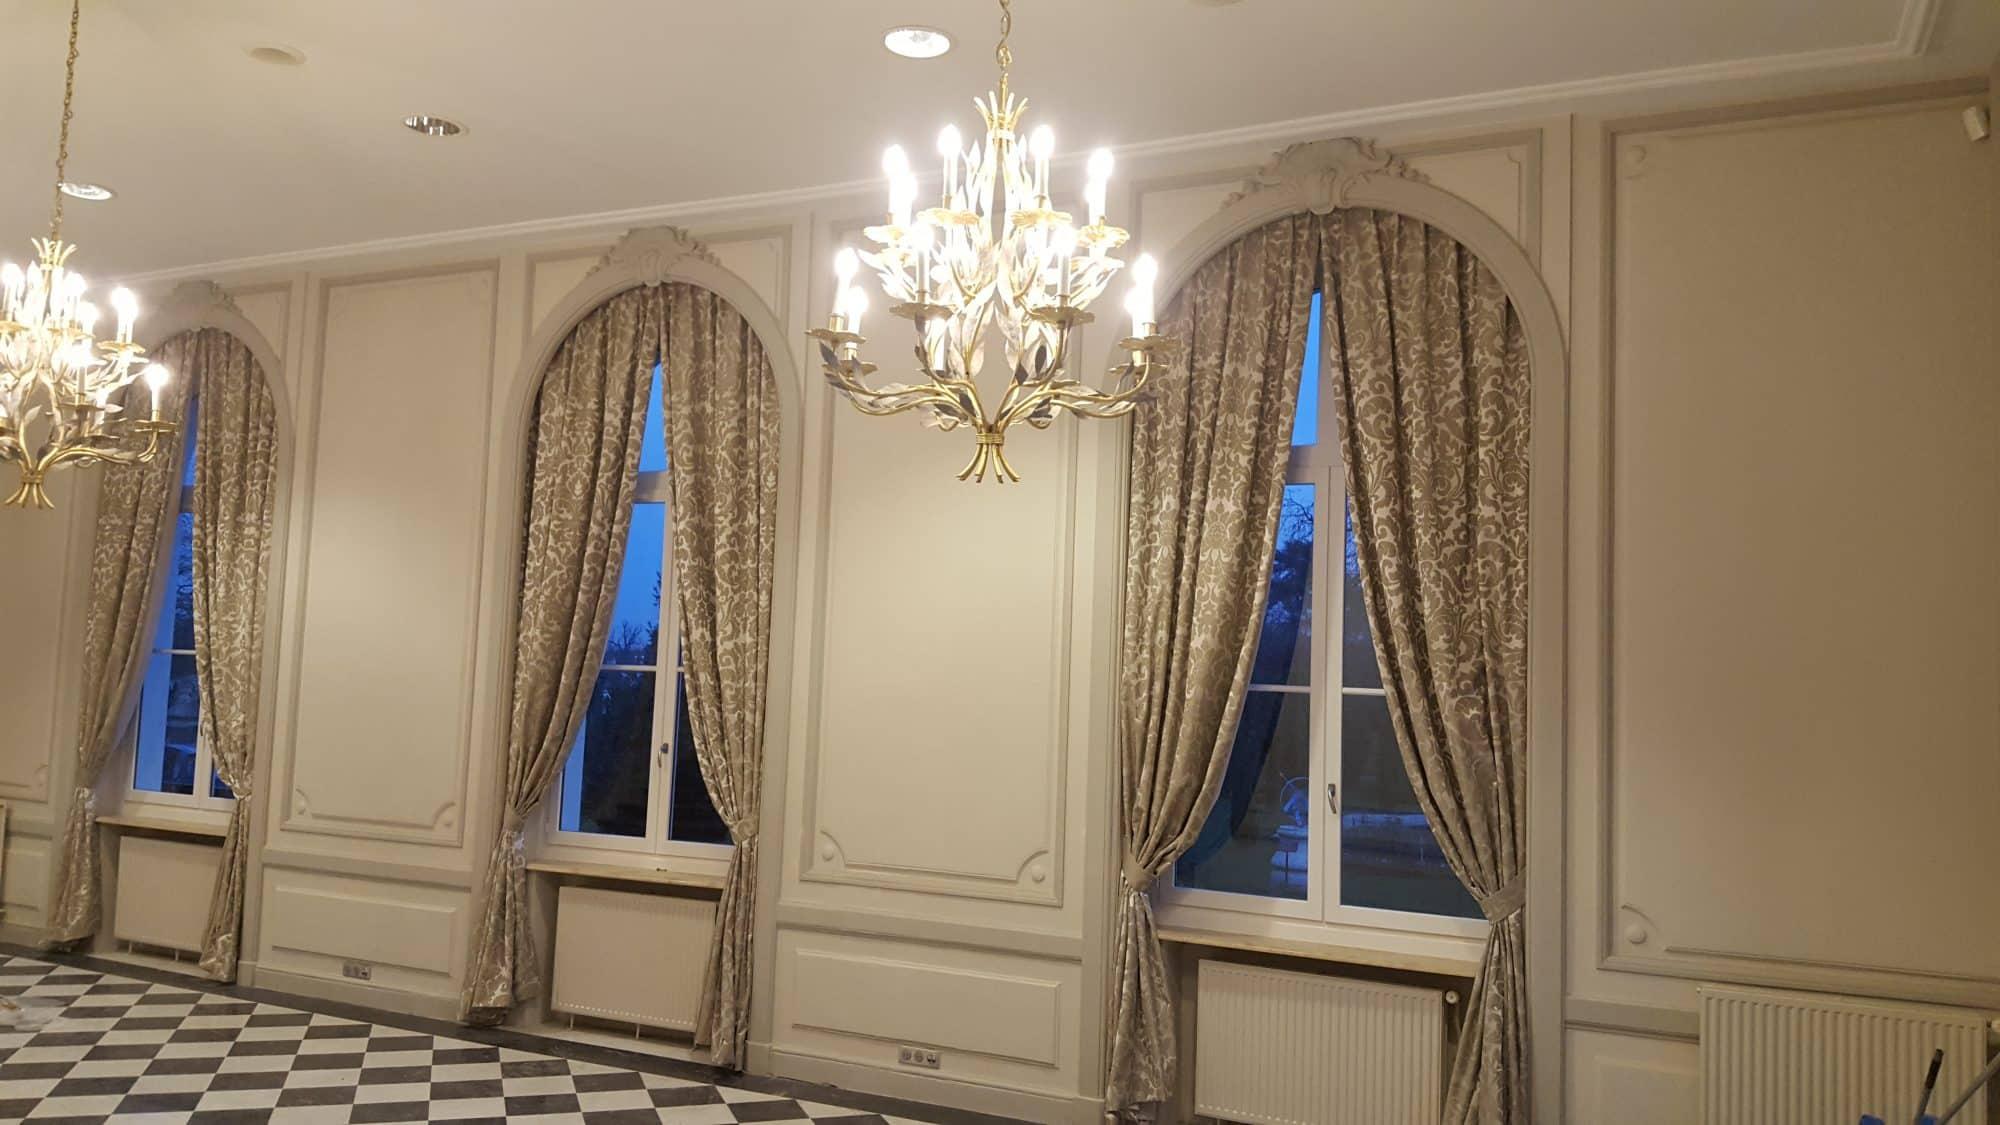 Etofea Rideaux Occultants Sur Mesure Pour Le Chateau De Buc